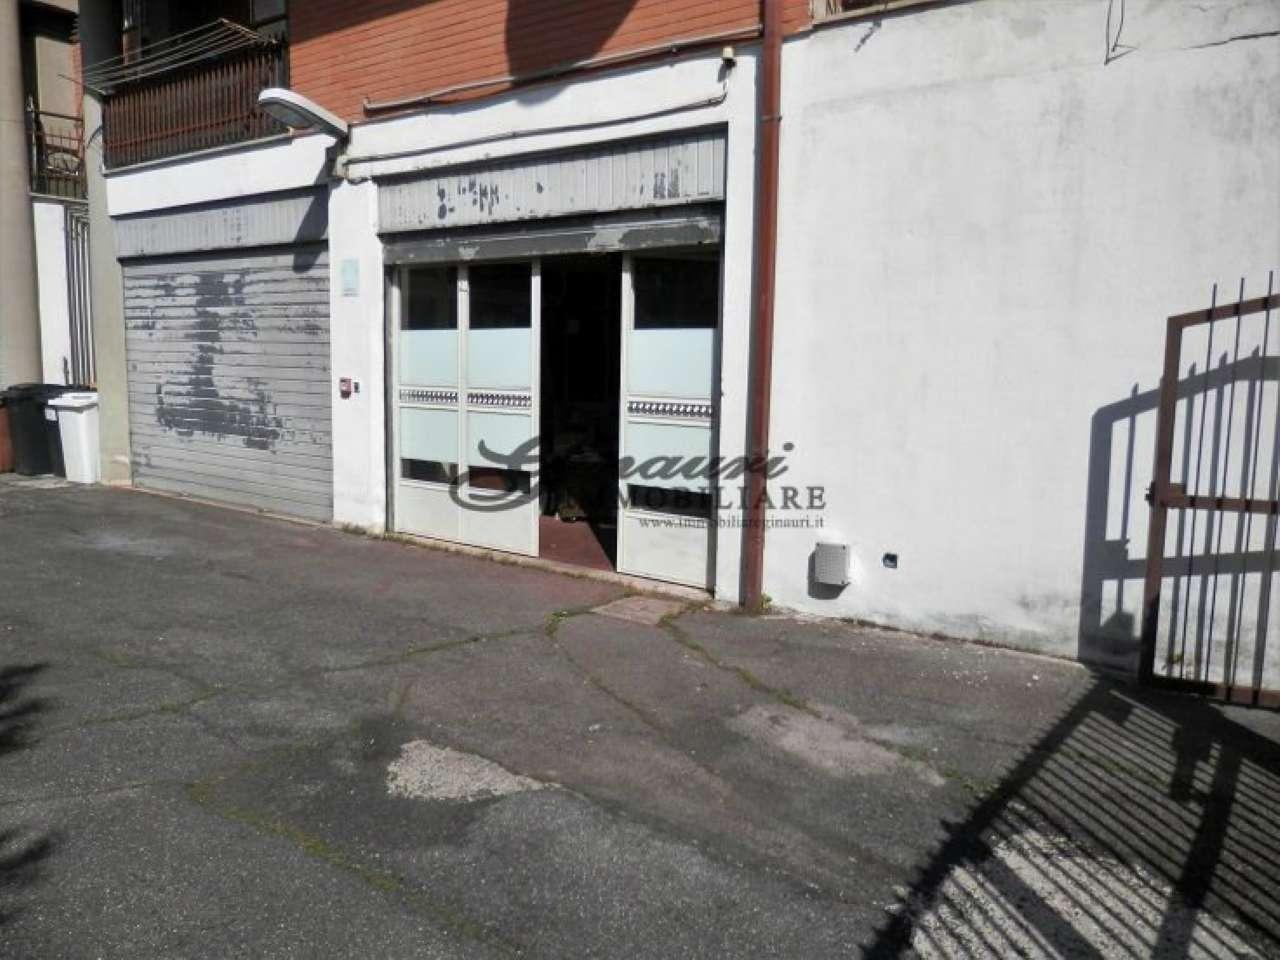 Negozio / Locale in affitto a Guidonia Montecelio, 1 locali, prezzo € 1.000 | CambioCasa.it